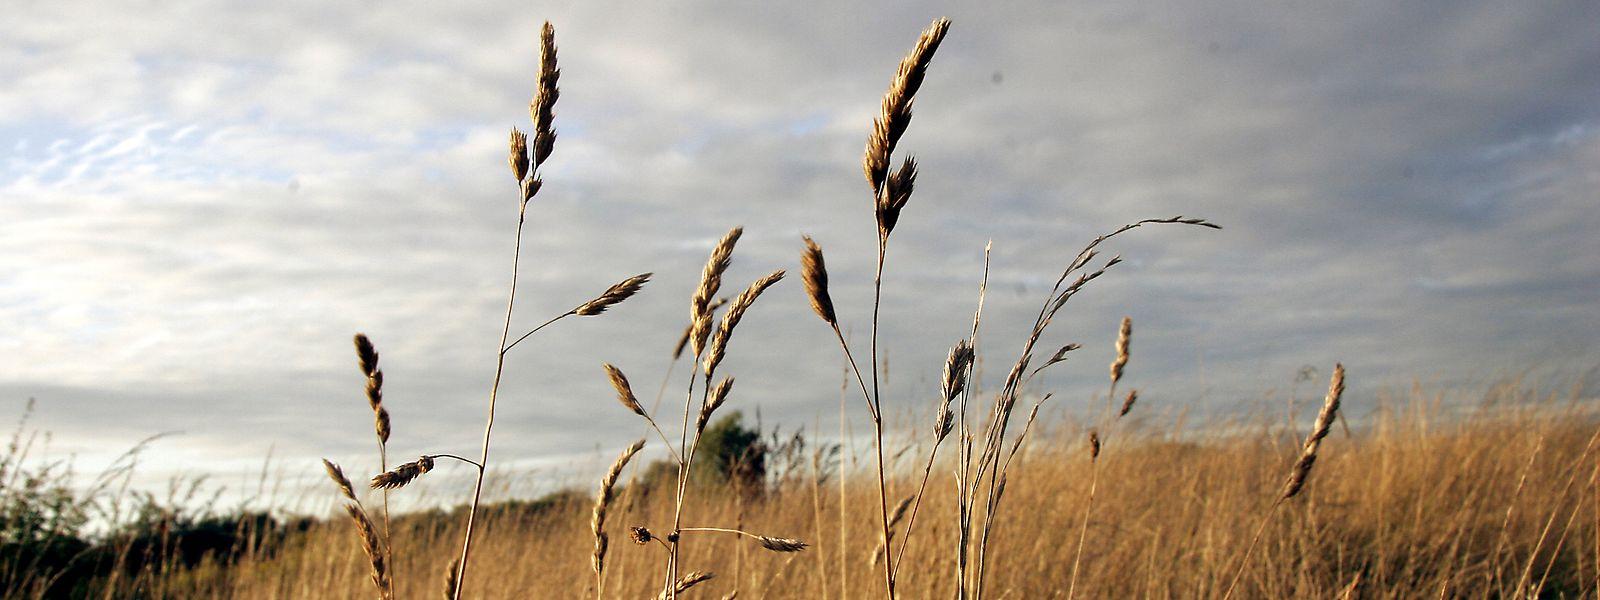 Selon le ministère de l'Agriculture, seules les productions de fourrage et de maïs n'ont pas été impactées par les aléas météorologiques.